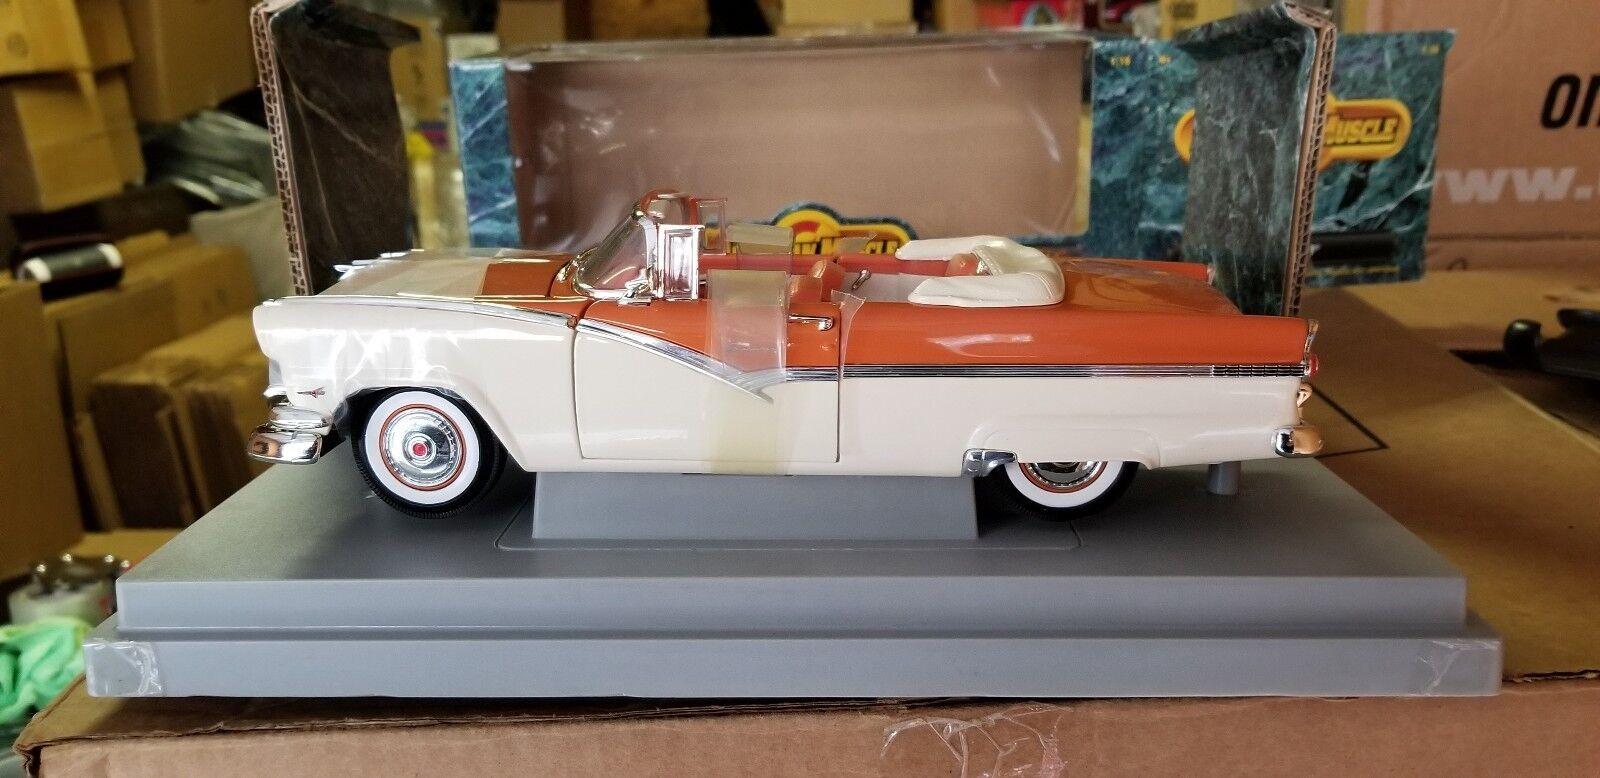 punto de venta barato 1 1 1 18 Ertl American Muscle 1956 Sunliner Naranja Crema  entrega rápida